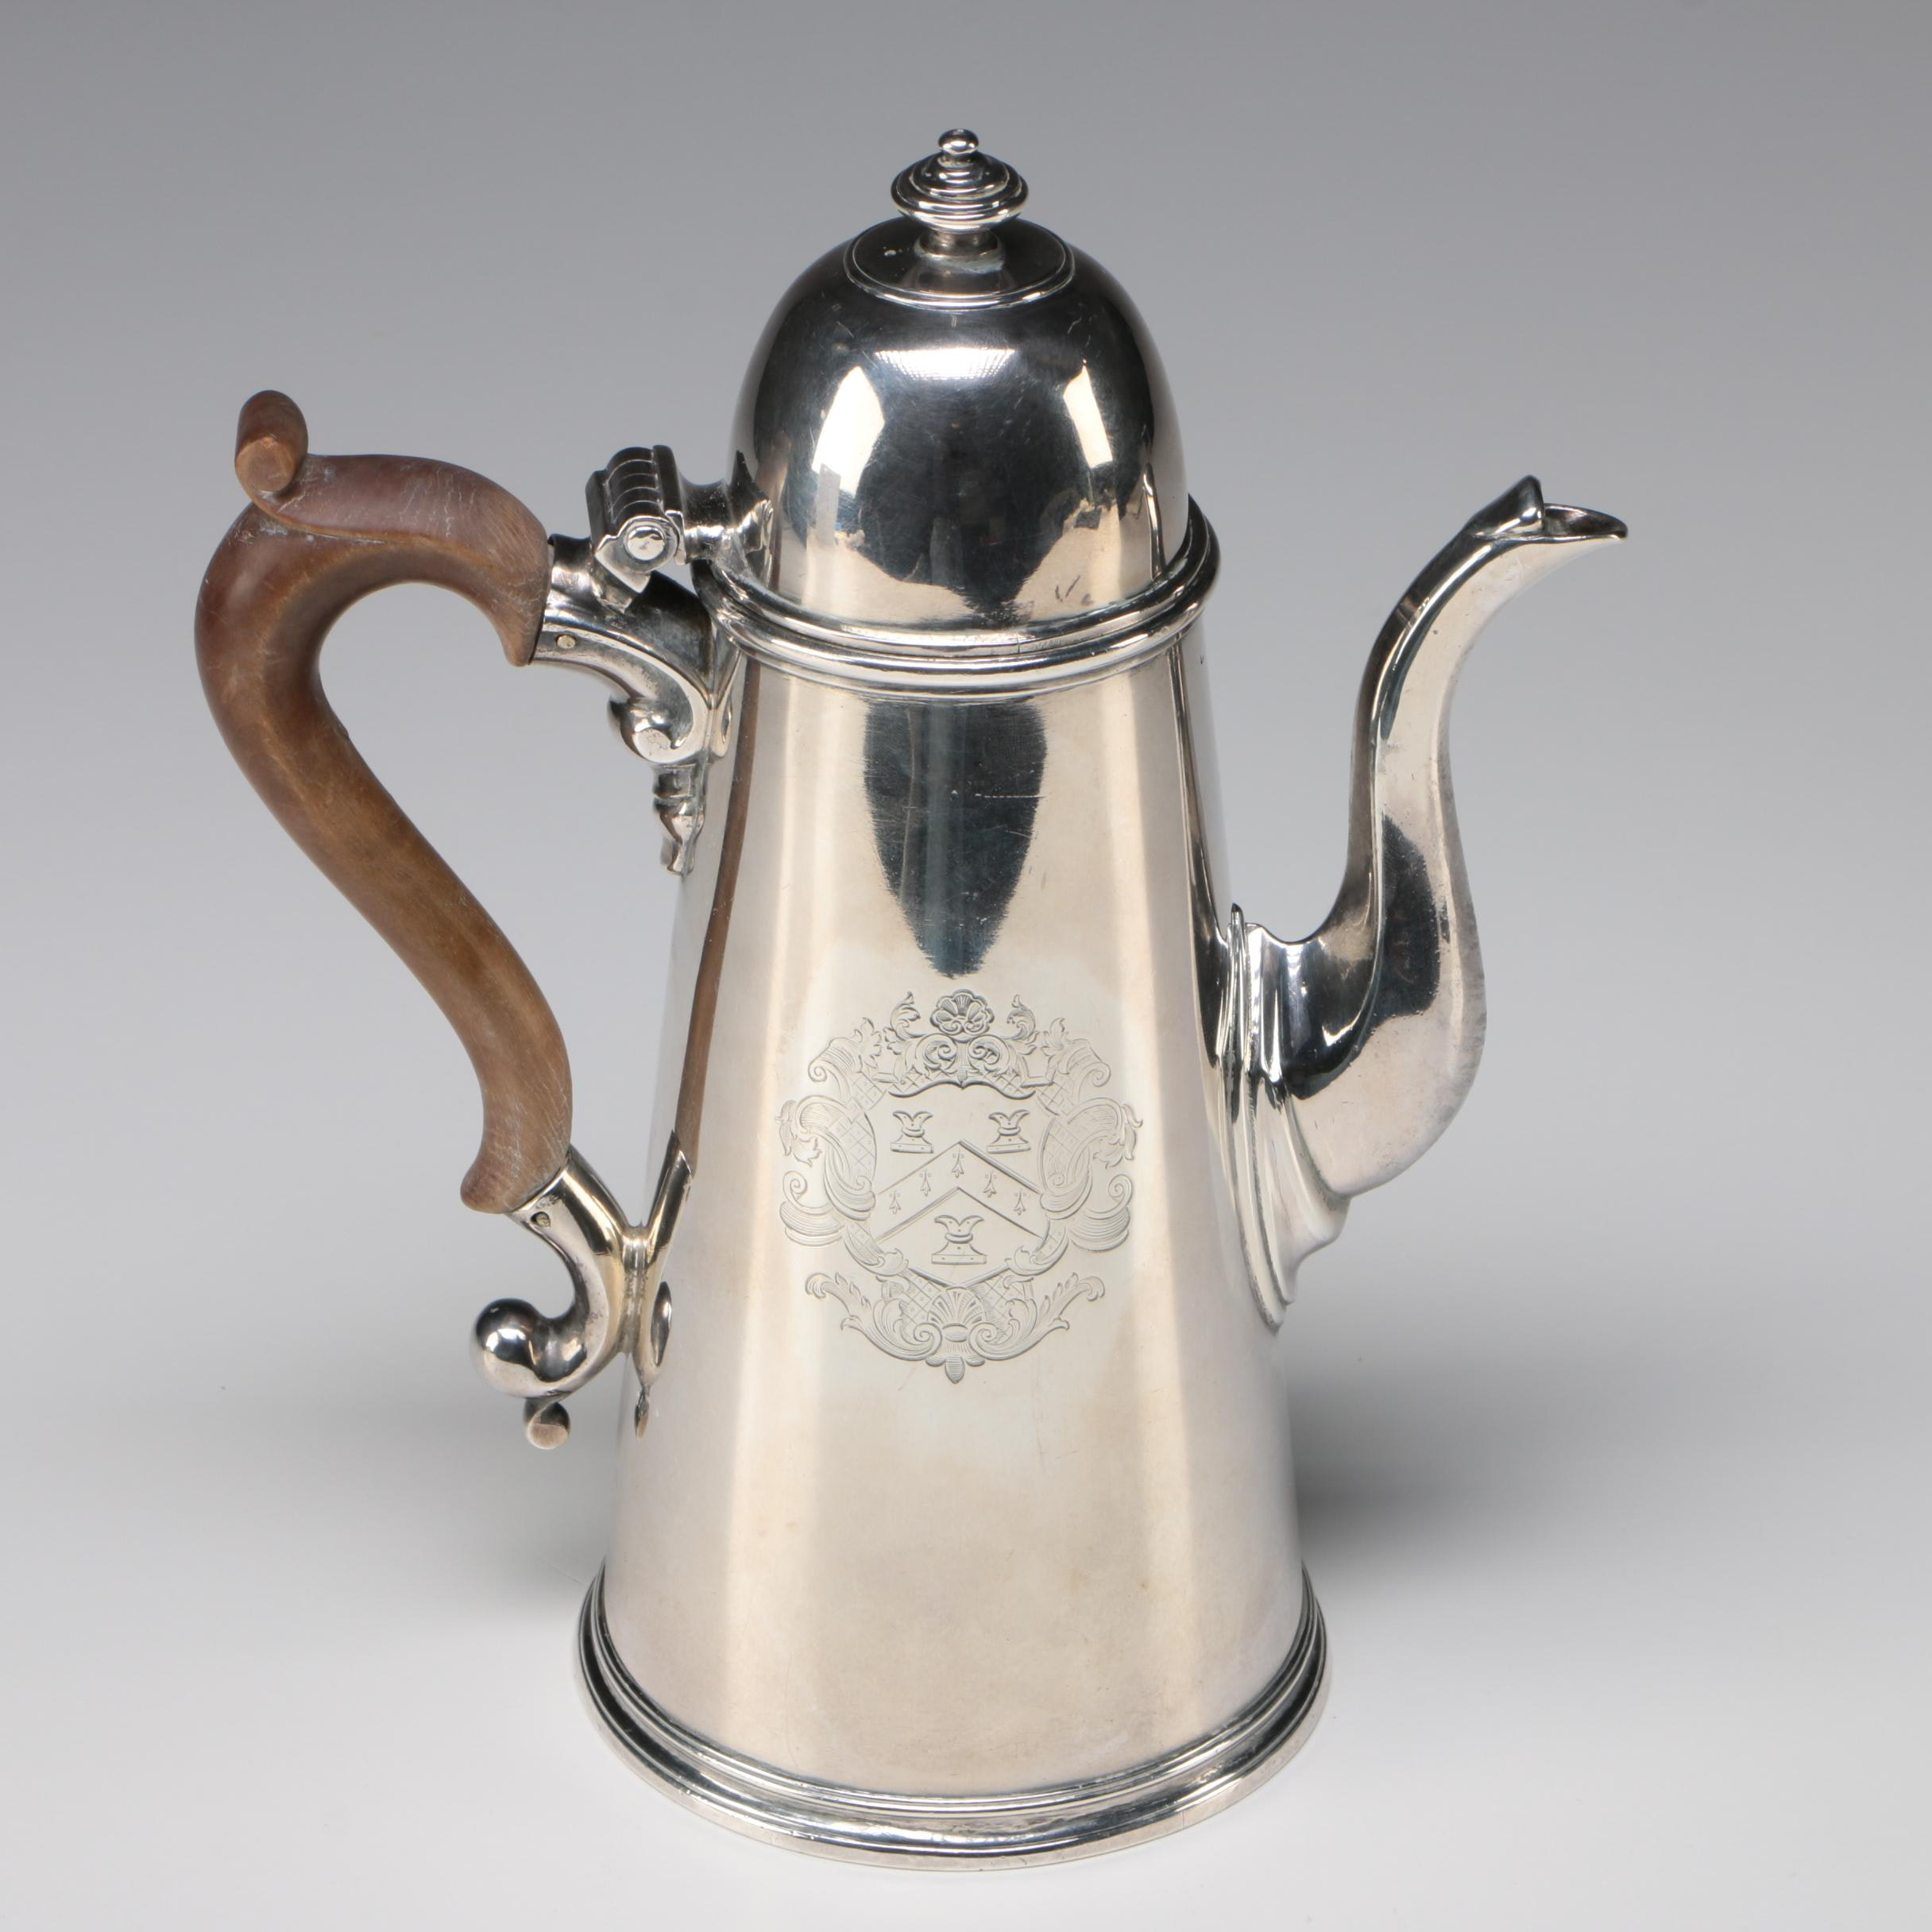 George II Sterling Silver Coffee Server, London 1722